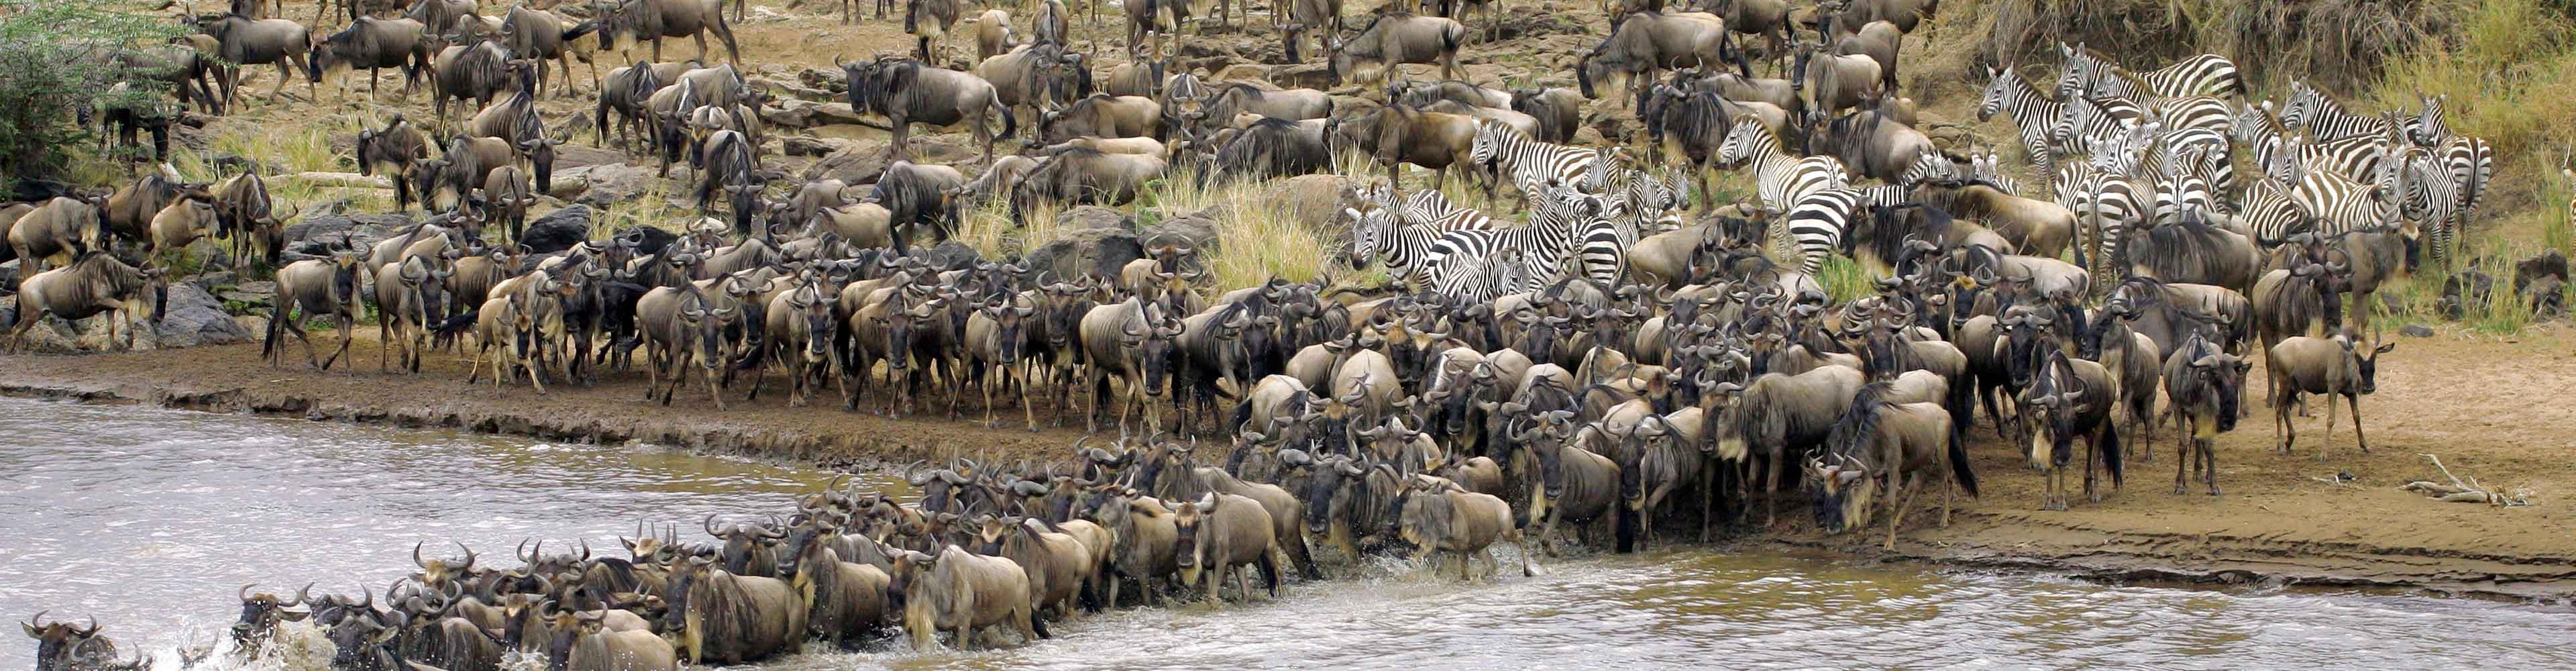 Masai Mara Experience – Independent